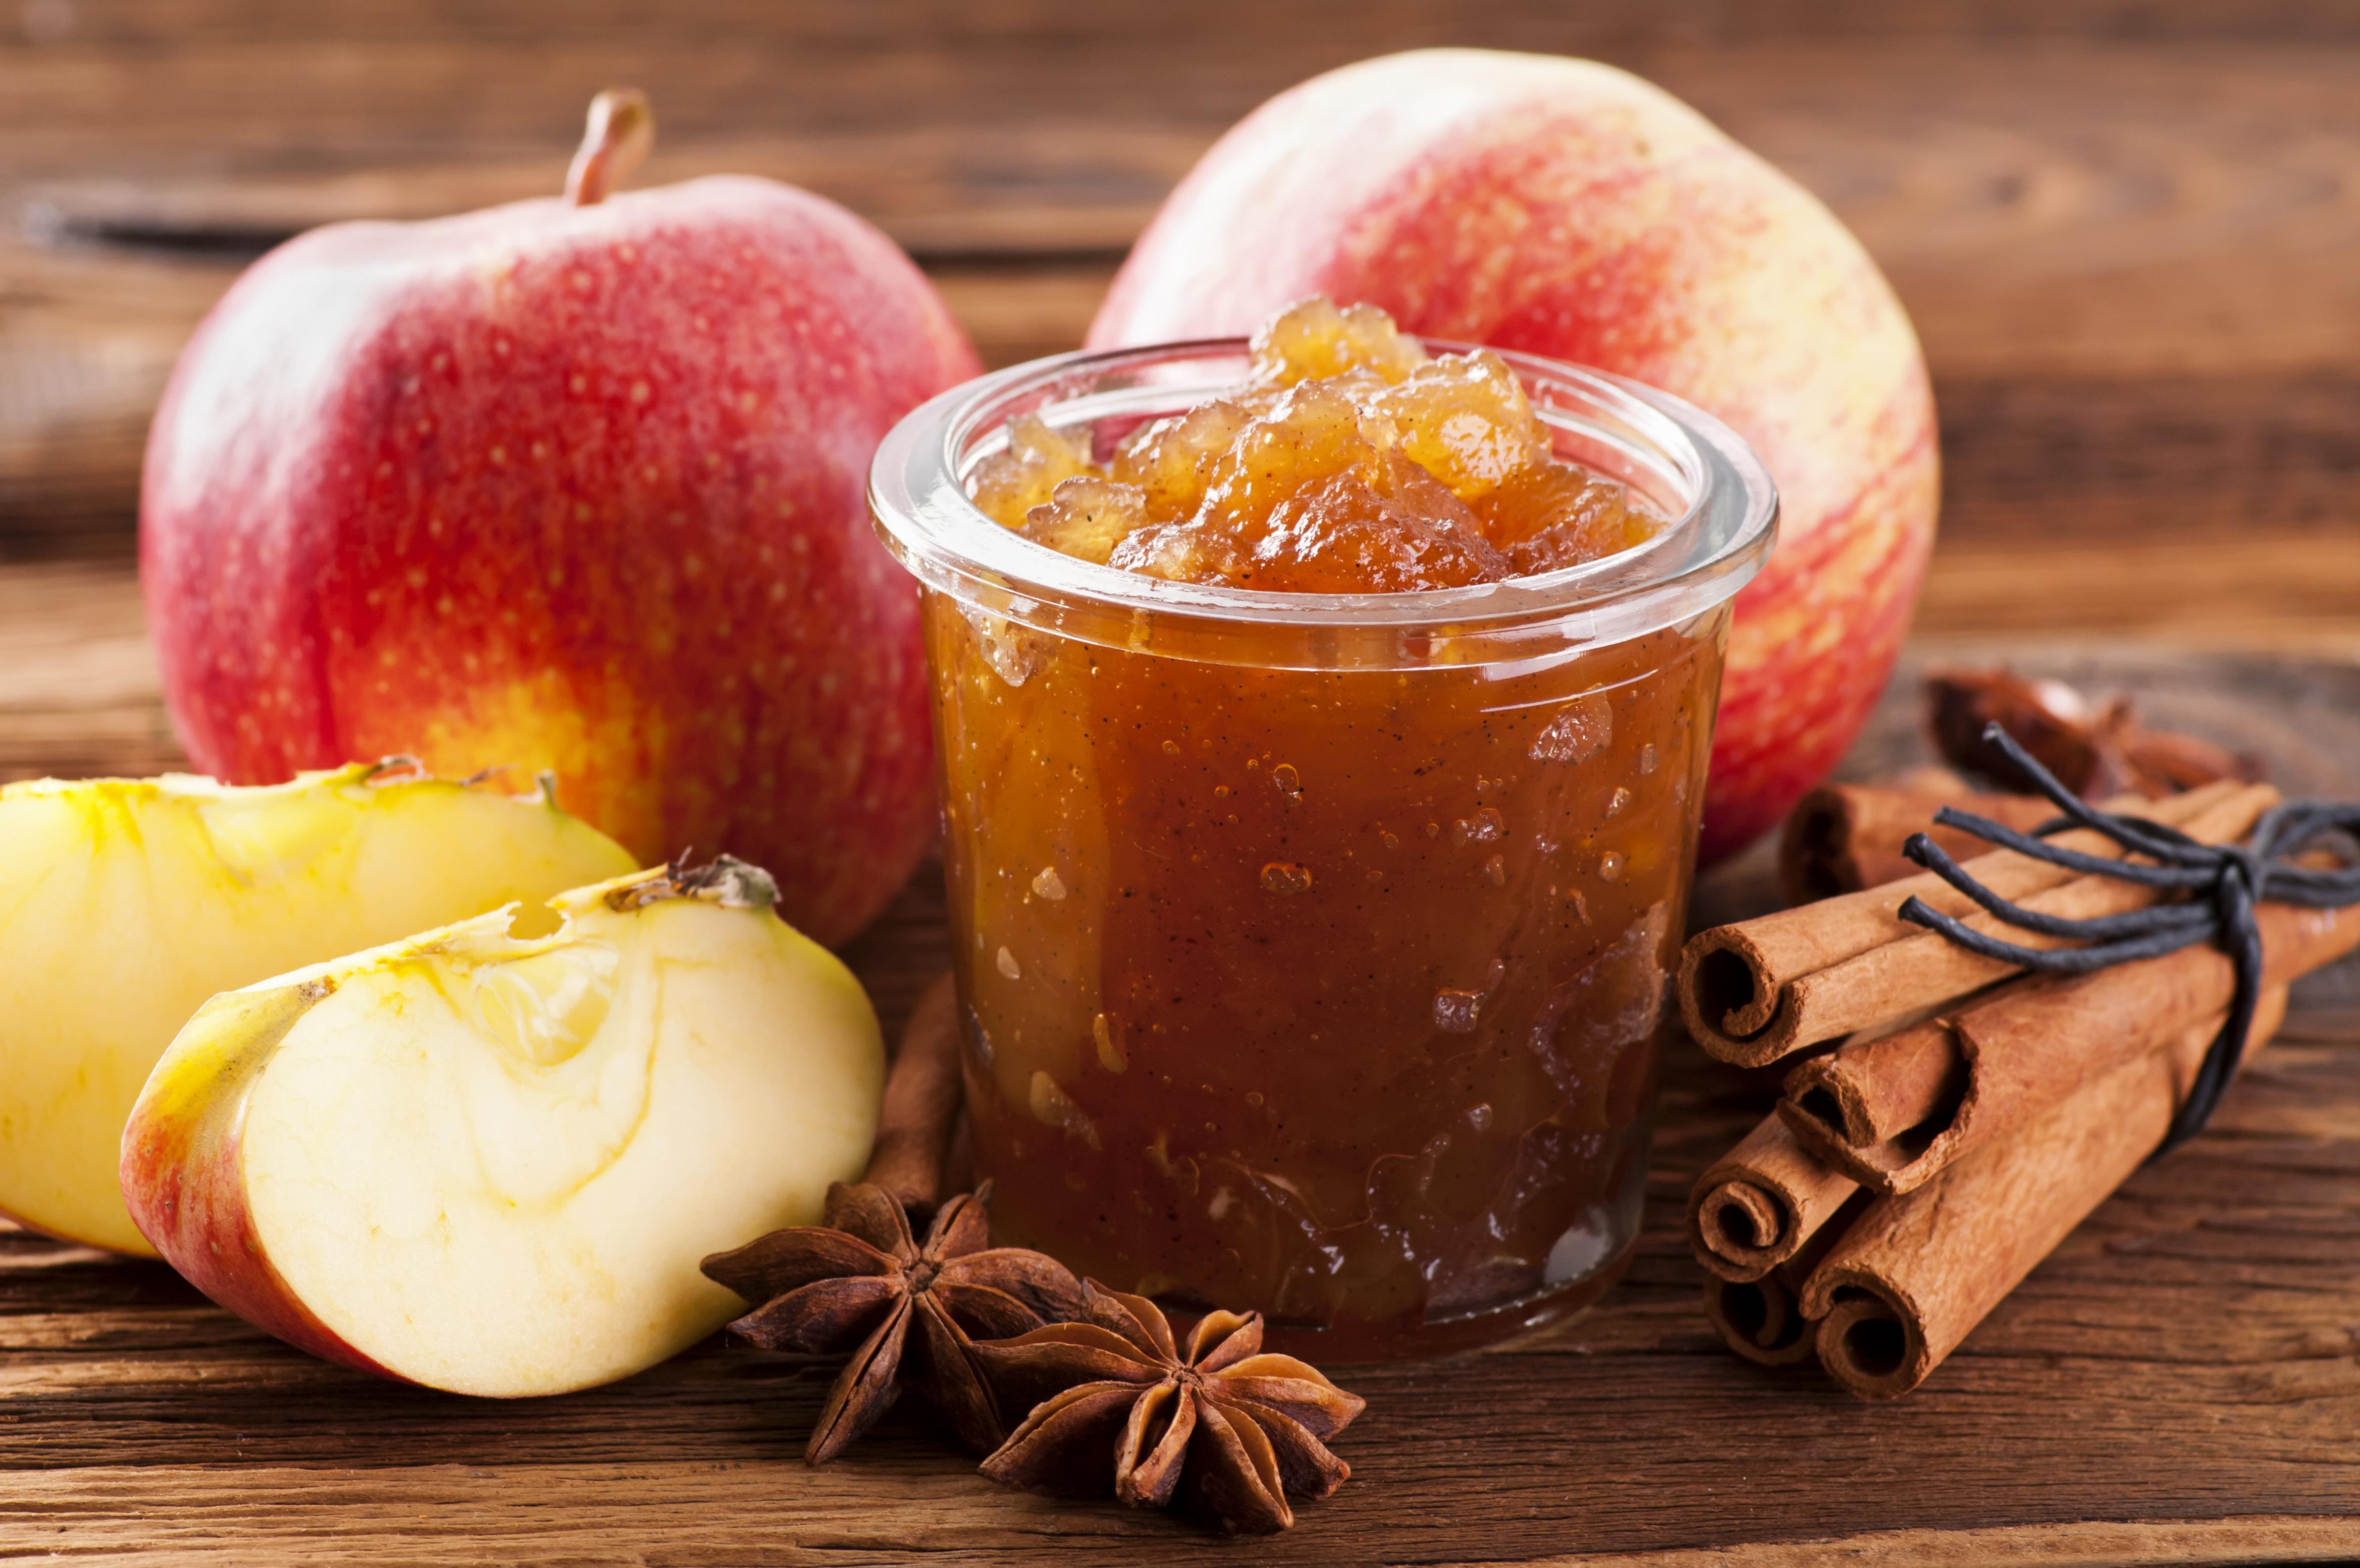 южное яблочное варенье на зиму рецепты с фото стакане смайлик